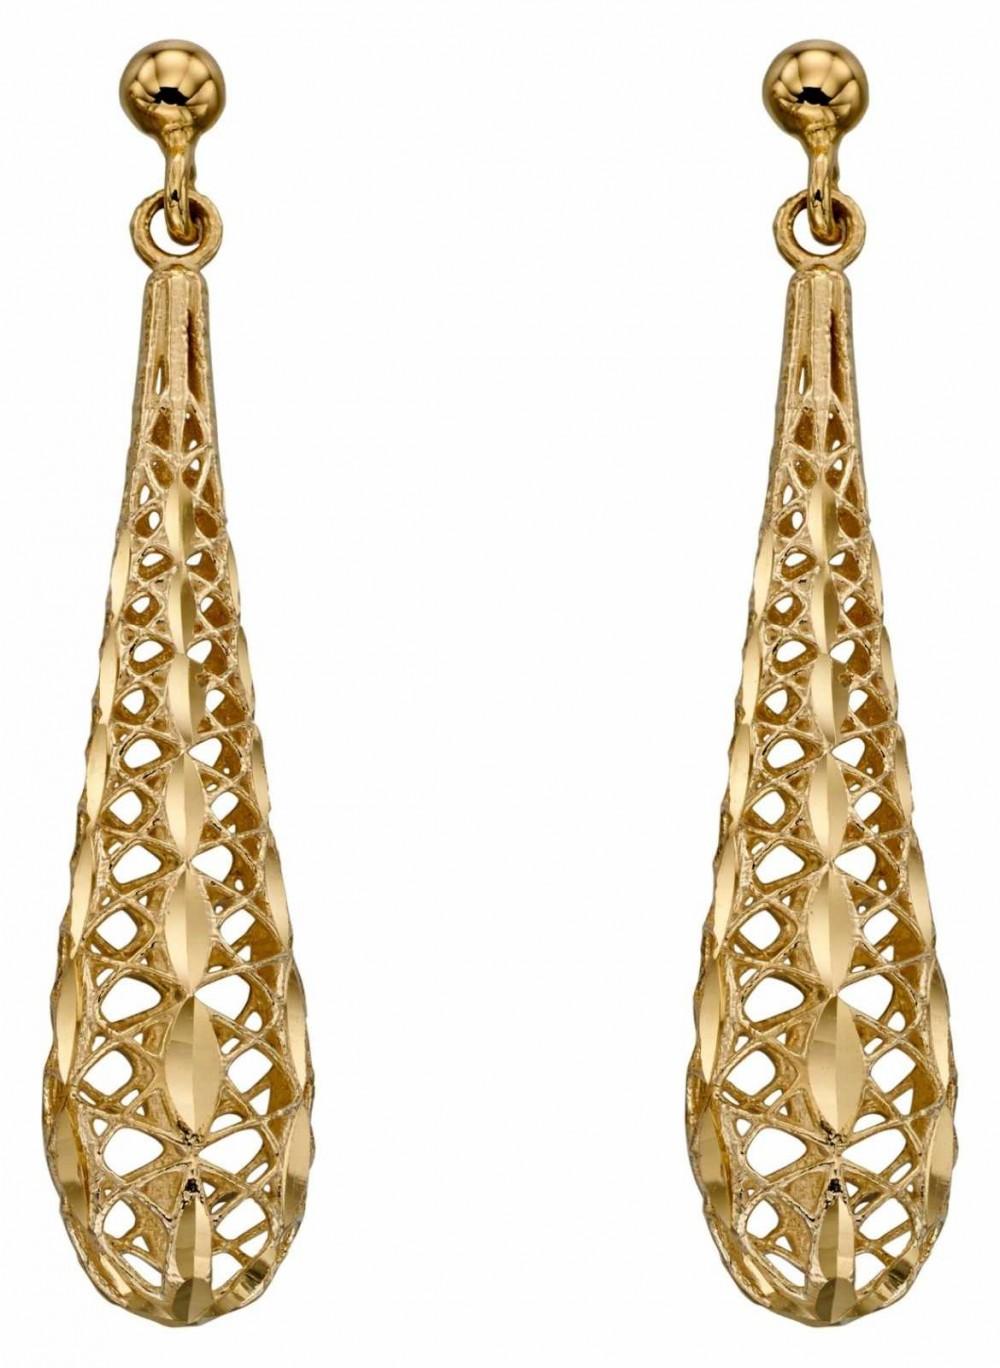 Elements Gold 9k Yellow Gold Filigree Tear Drop Earrings GE2271